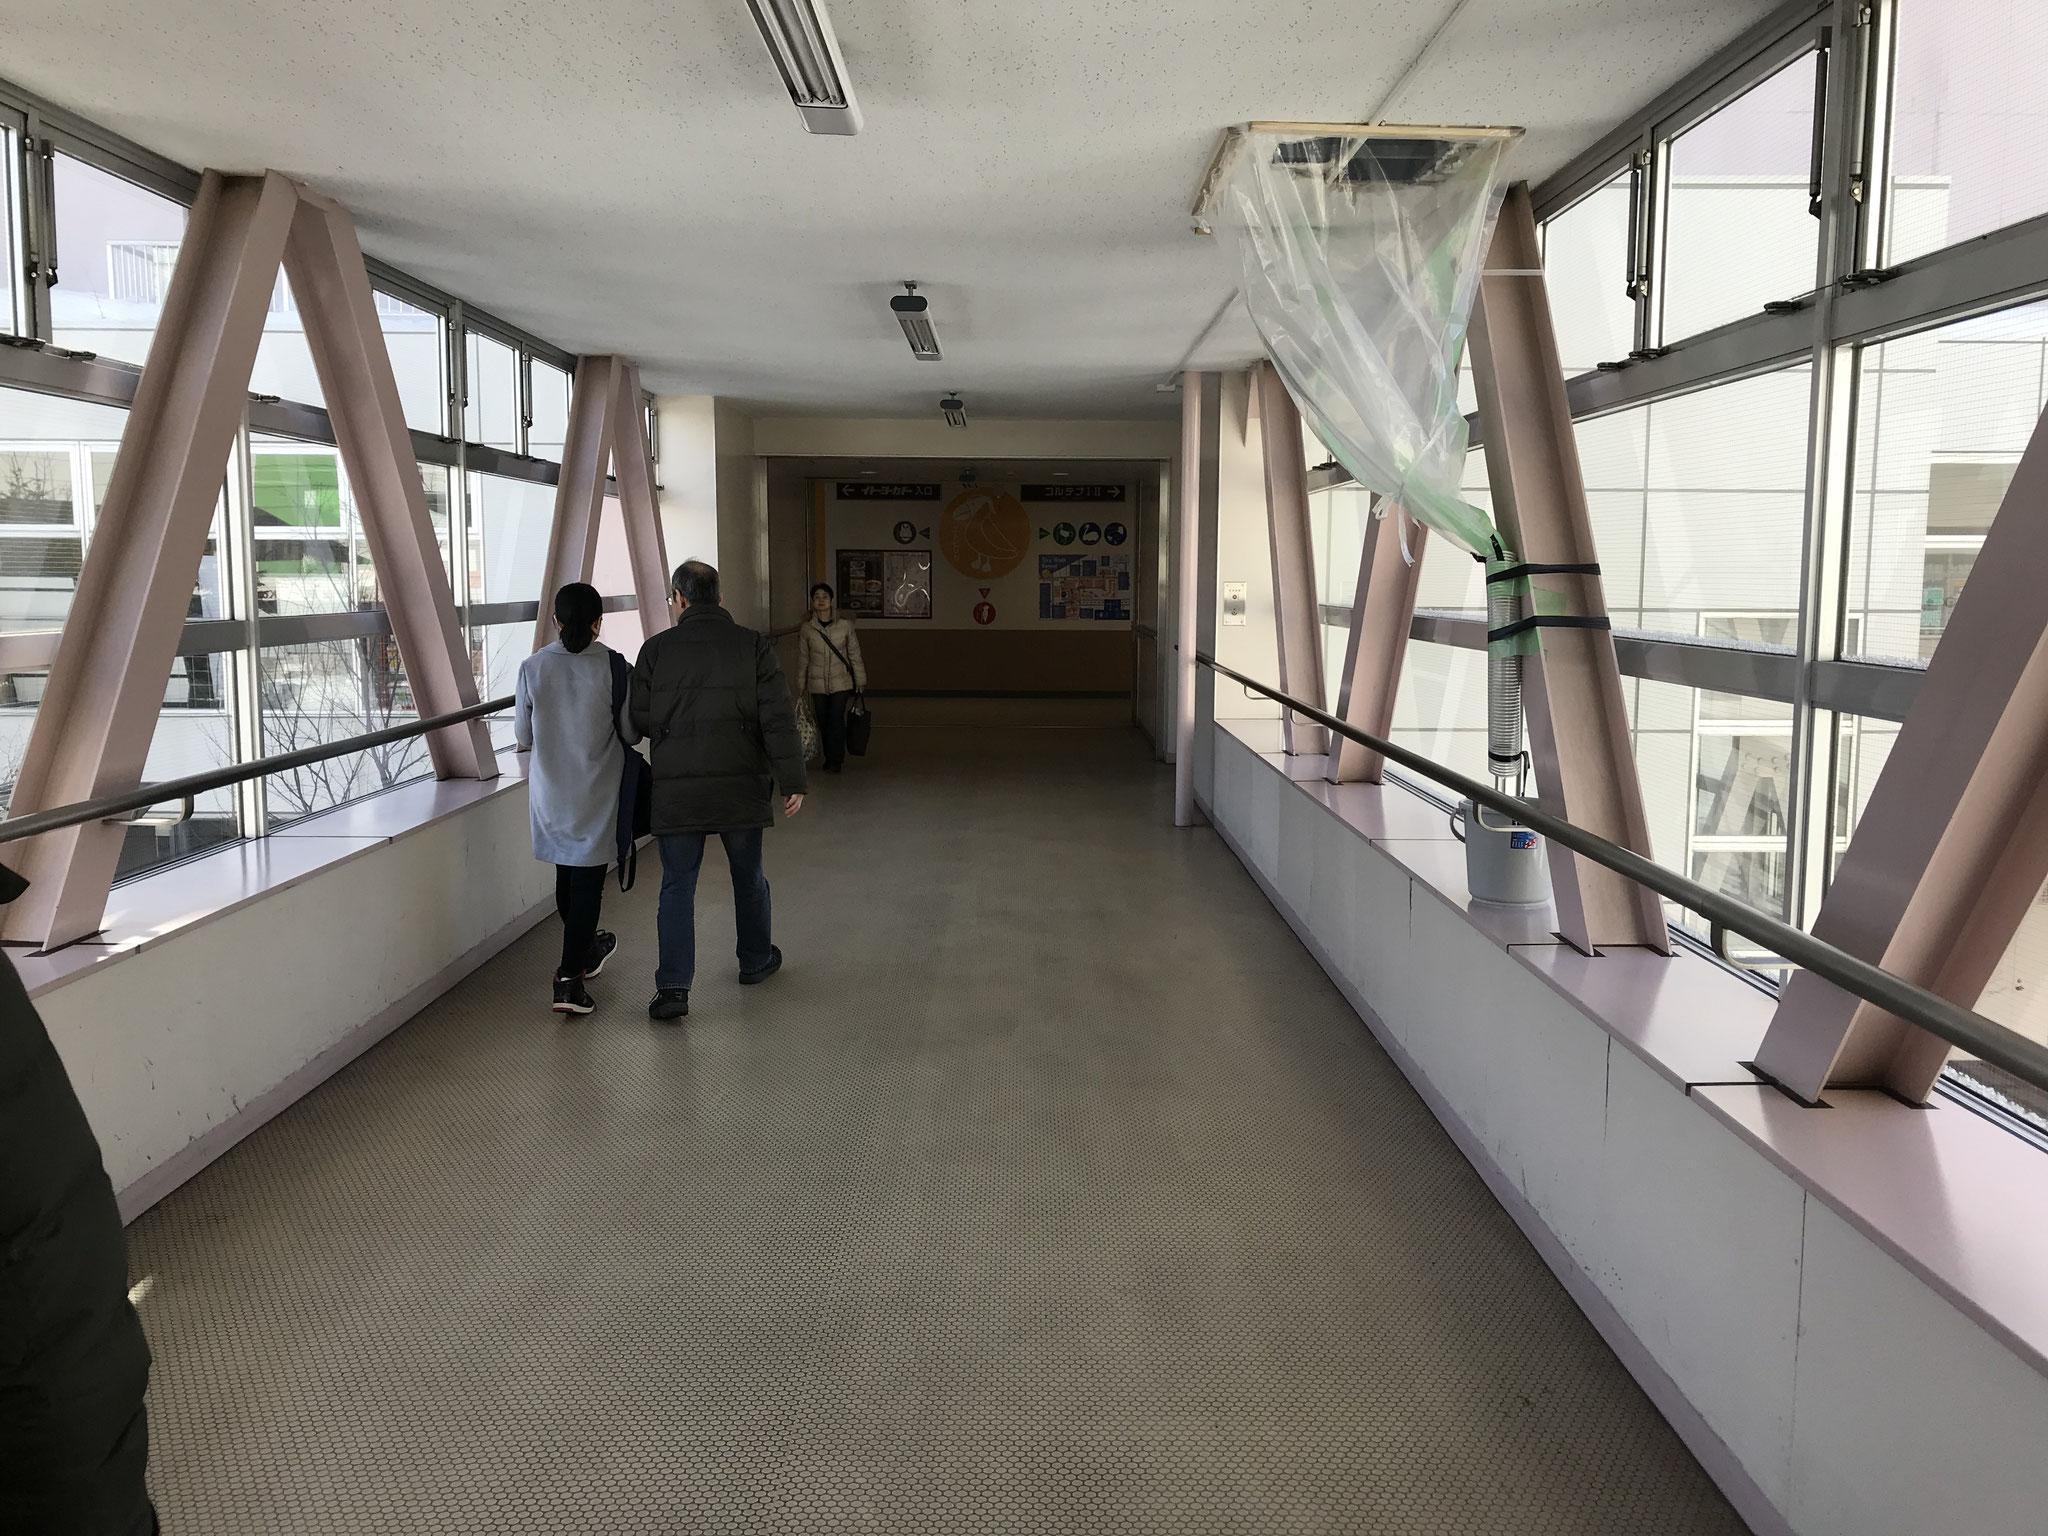 渡り廊下を通って